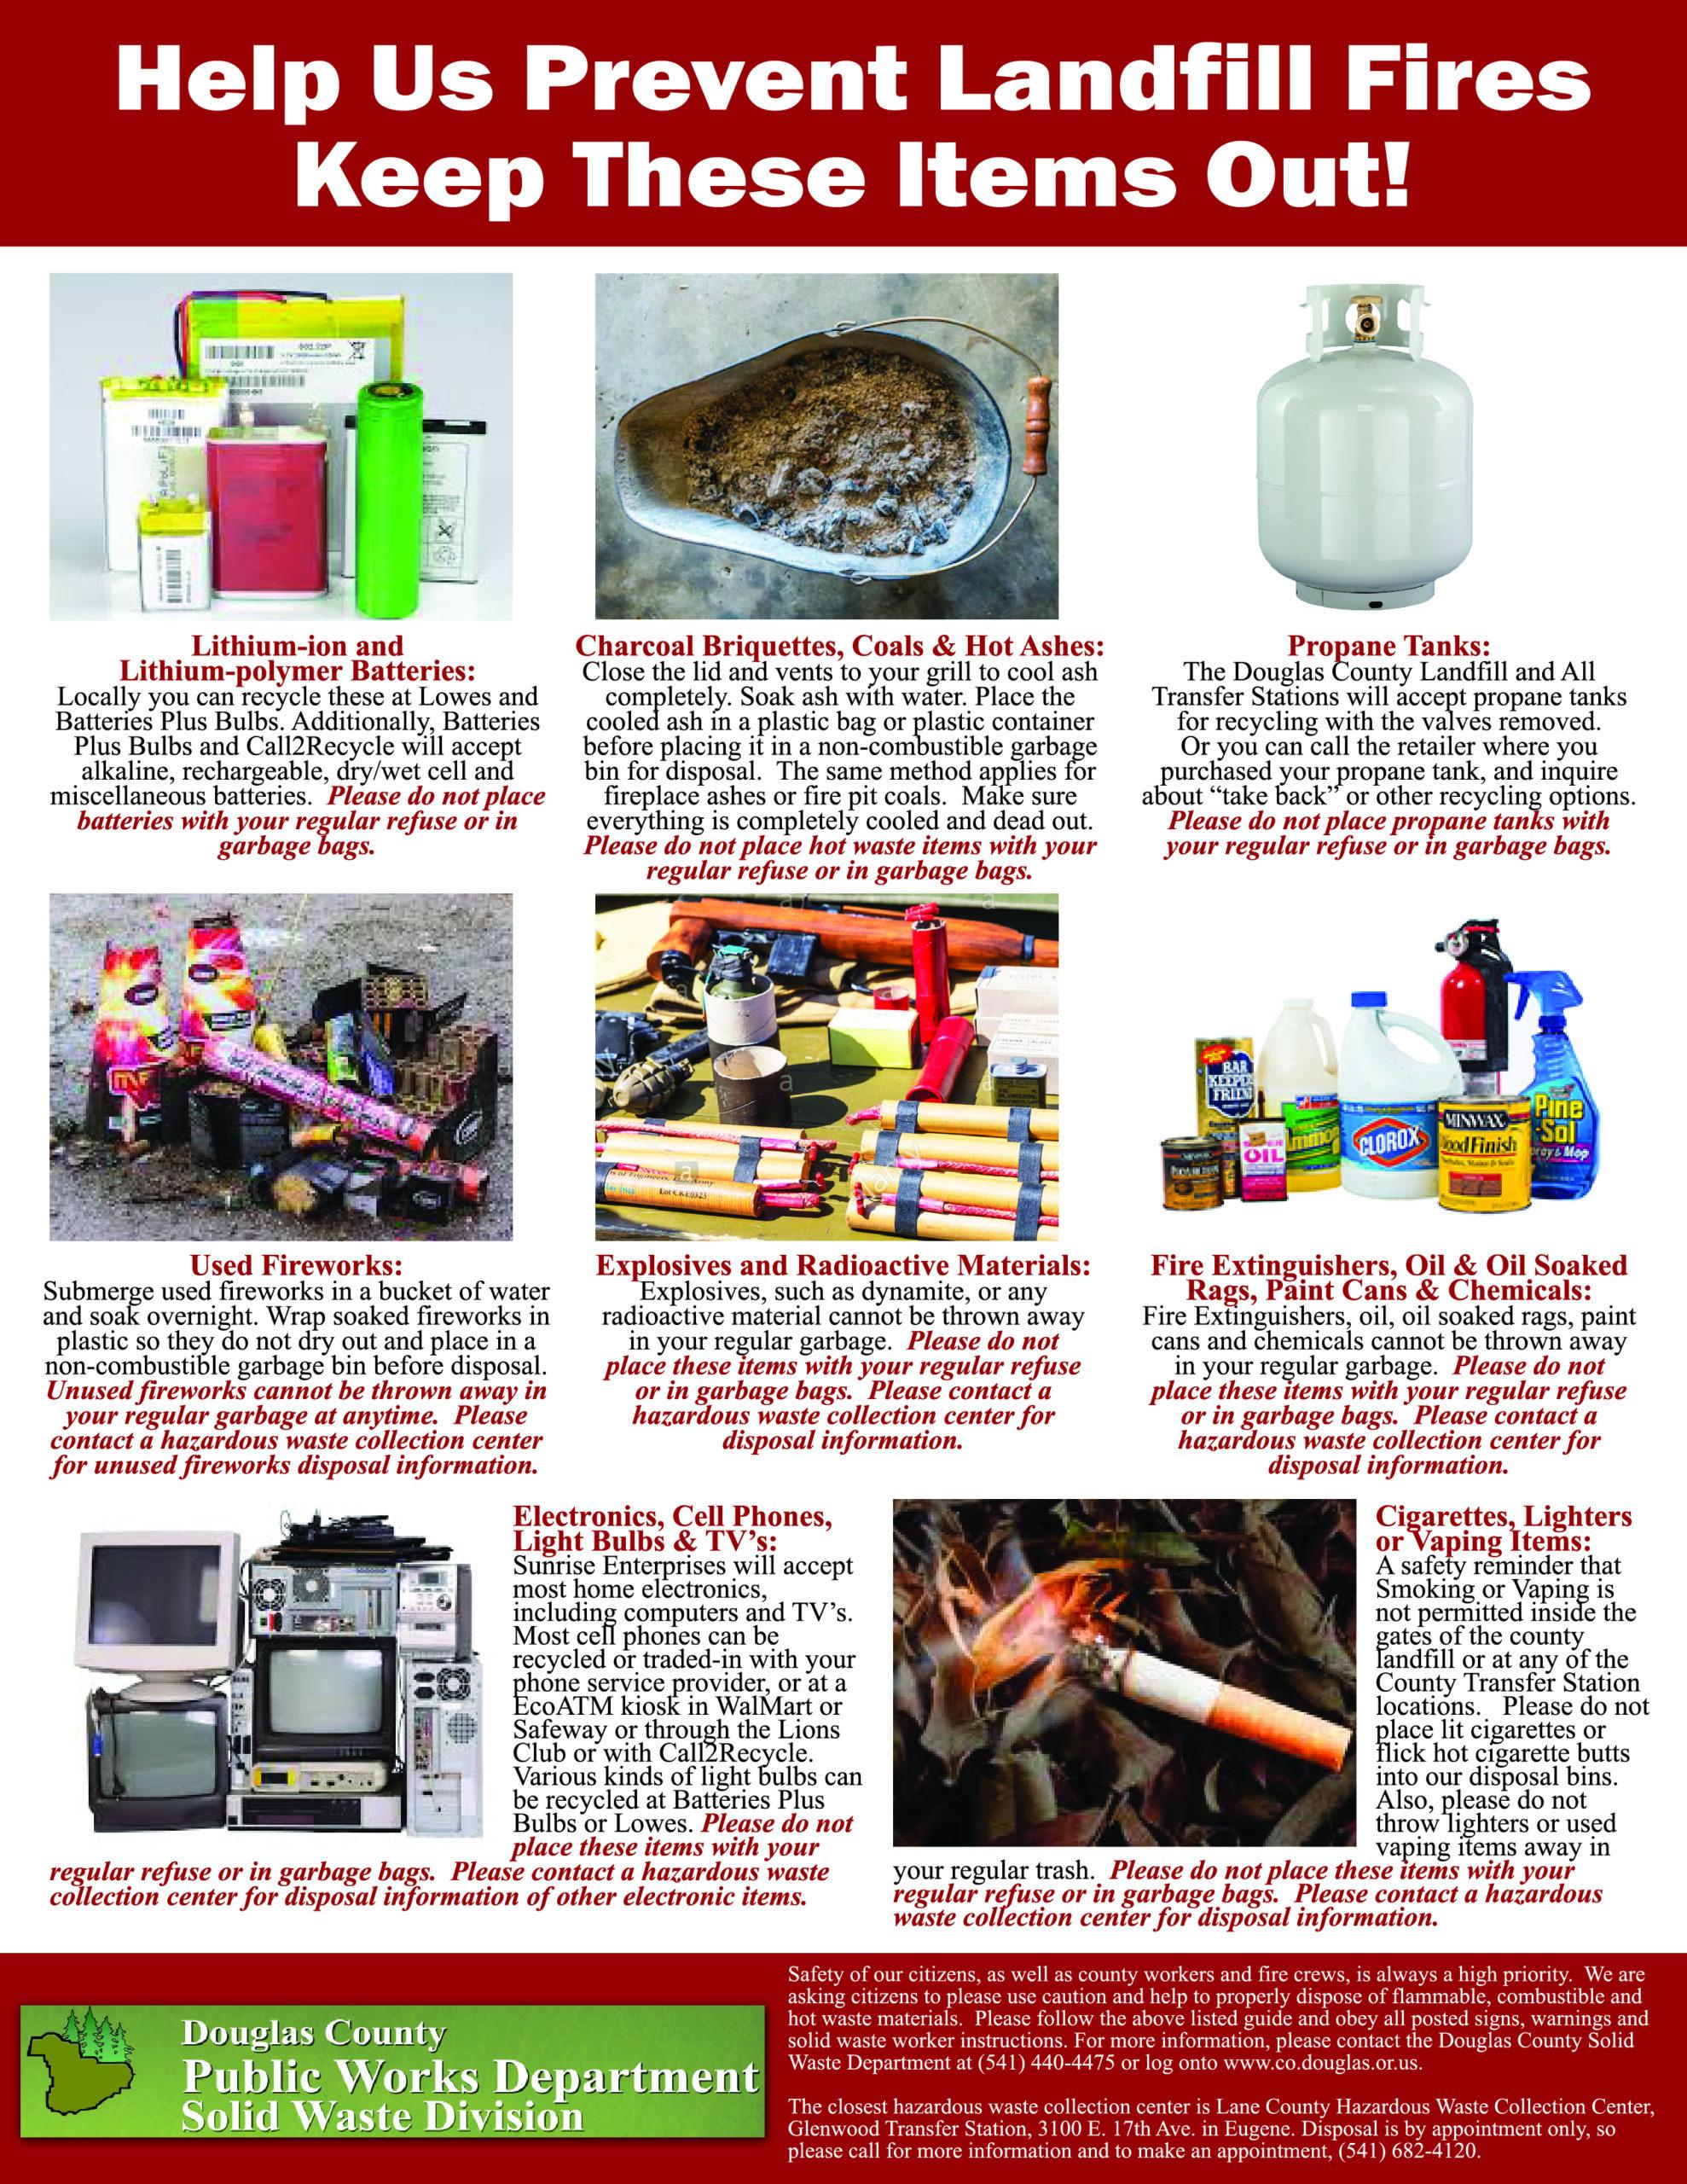 prevent landfill fires flier 719